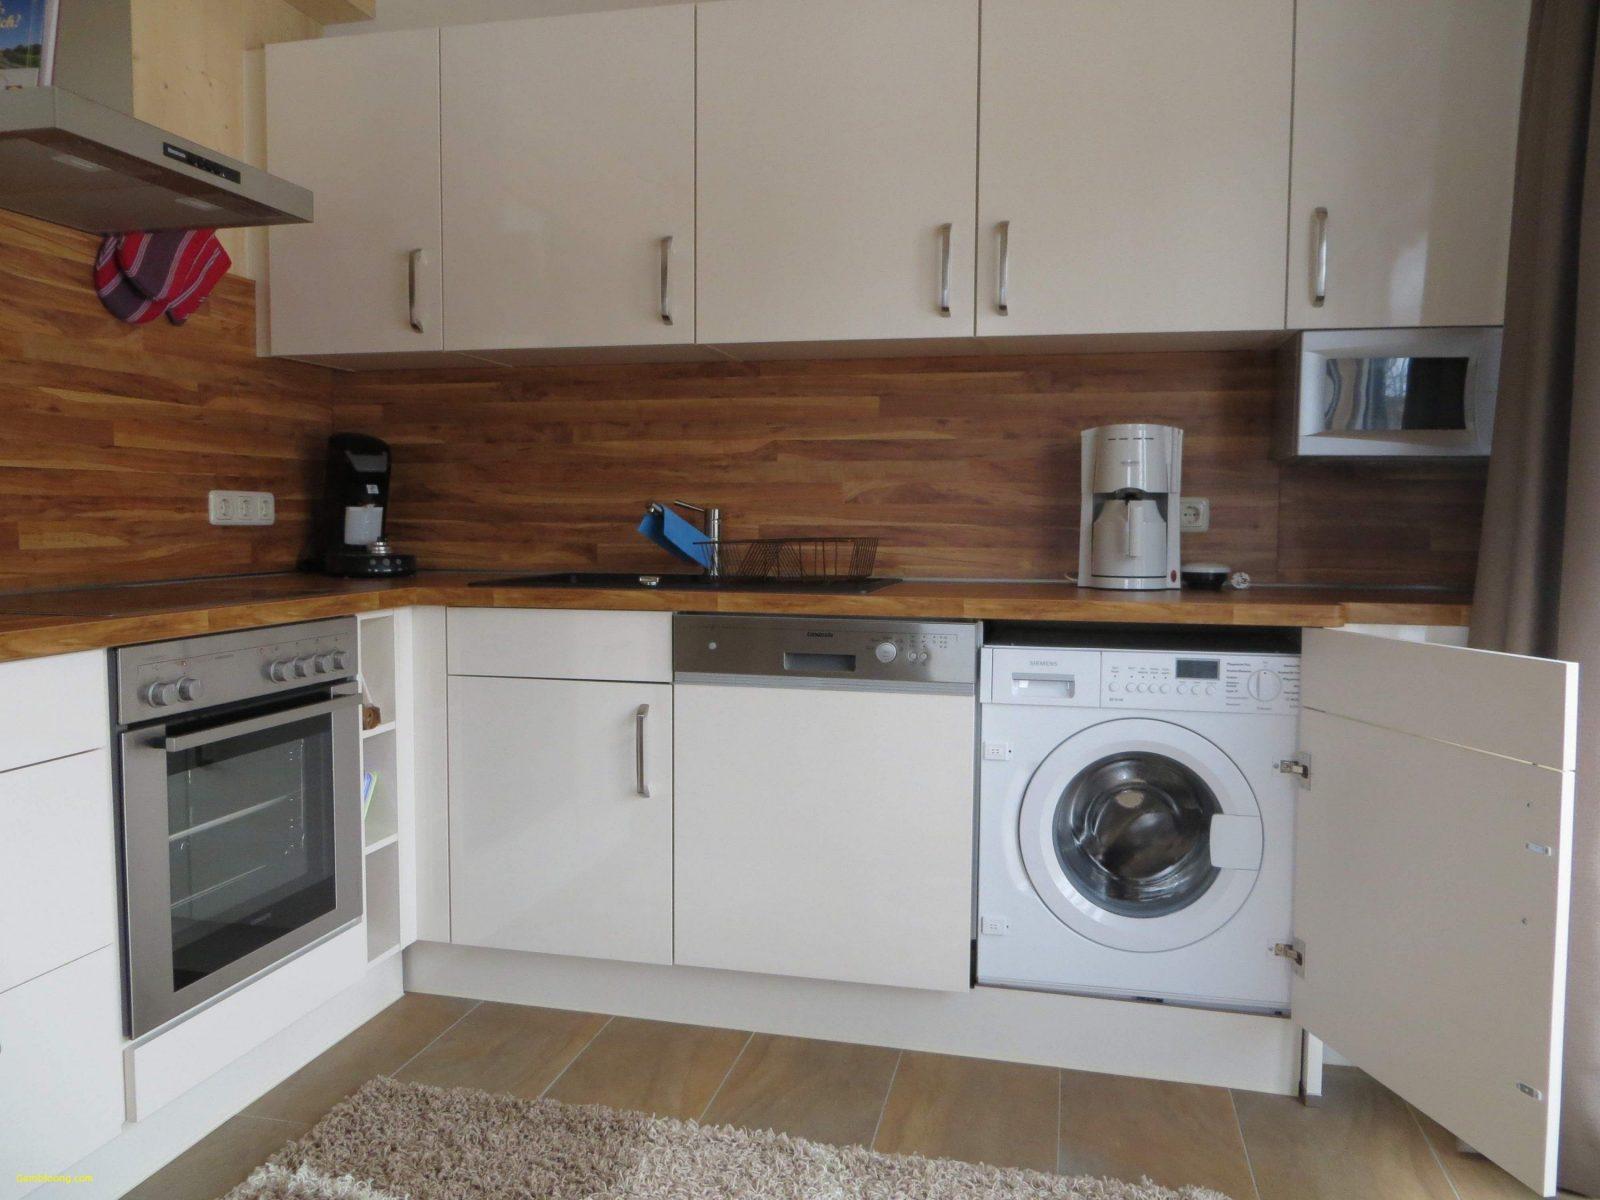 Waschmaschine In Küche Verstecken Wunderbar Waschmaschine In Küche von Waschmaschine In Küche Verstecken Photo